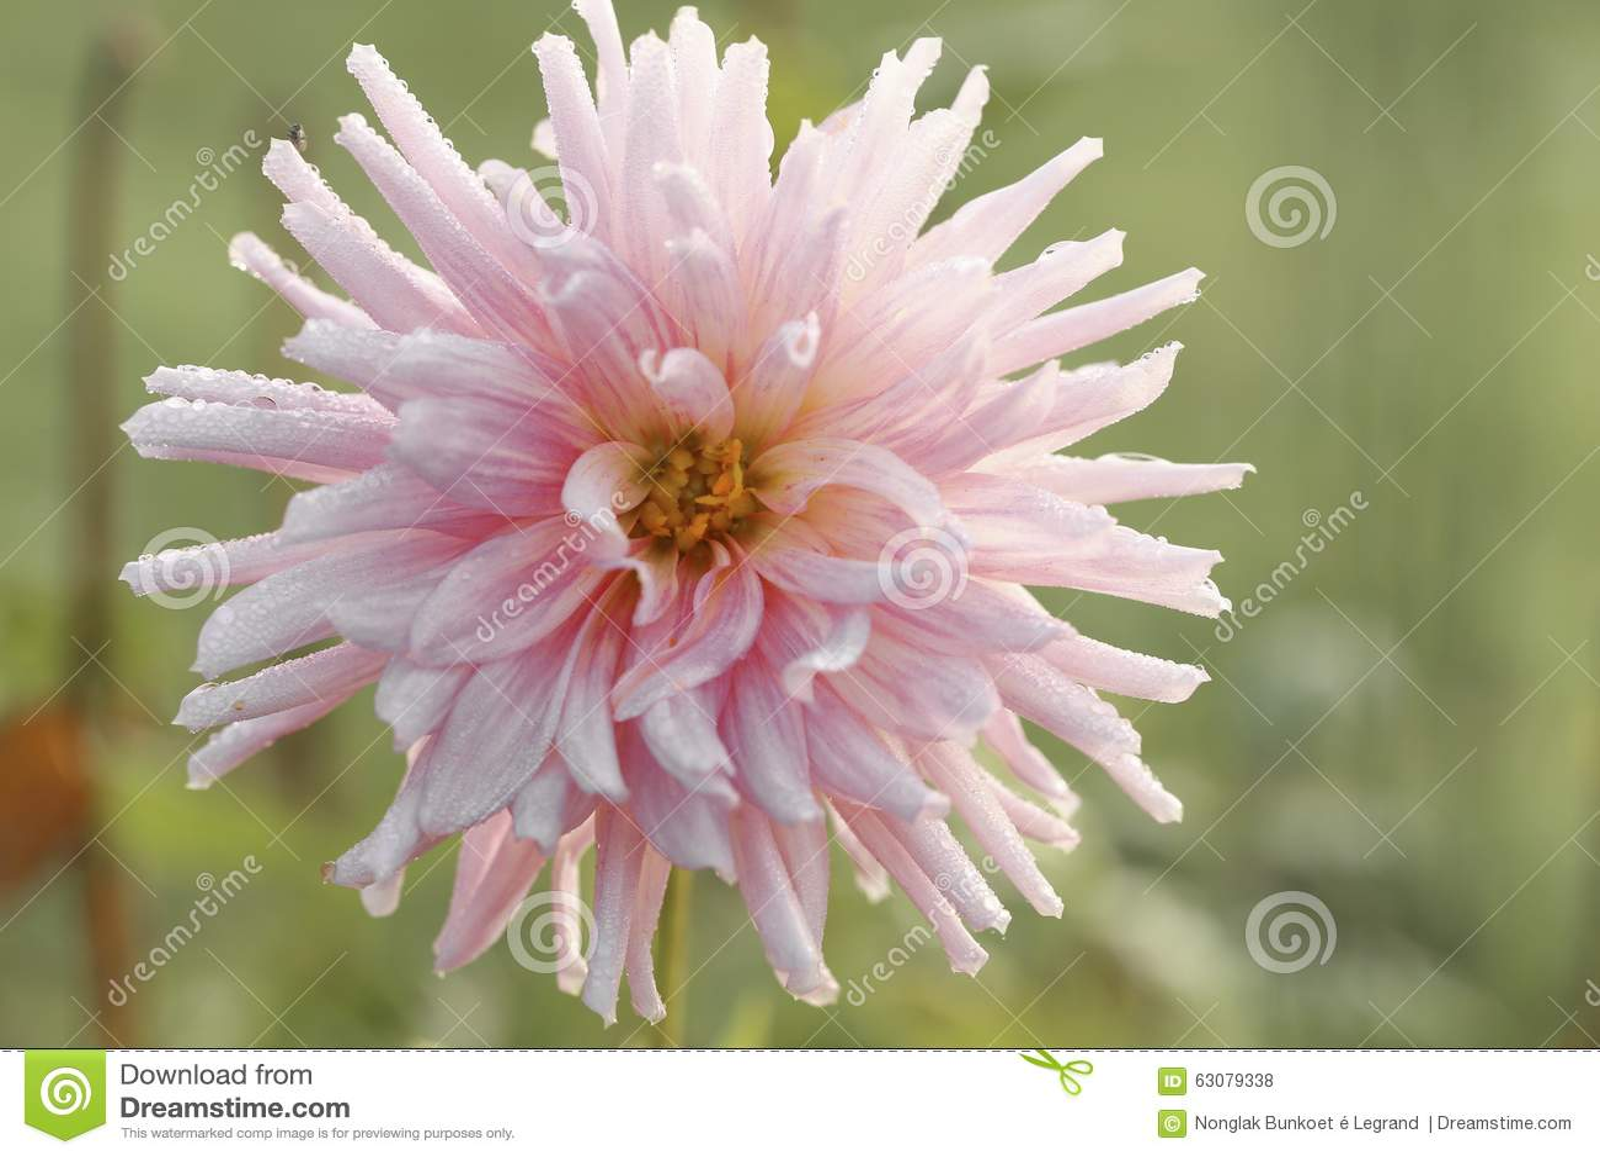 Download Plan Rapproché De Fleur Rose Et Blanche D'aster Photo stock - Image du detail, frais: 63079338